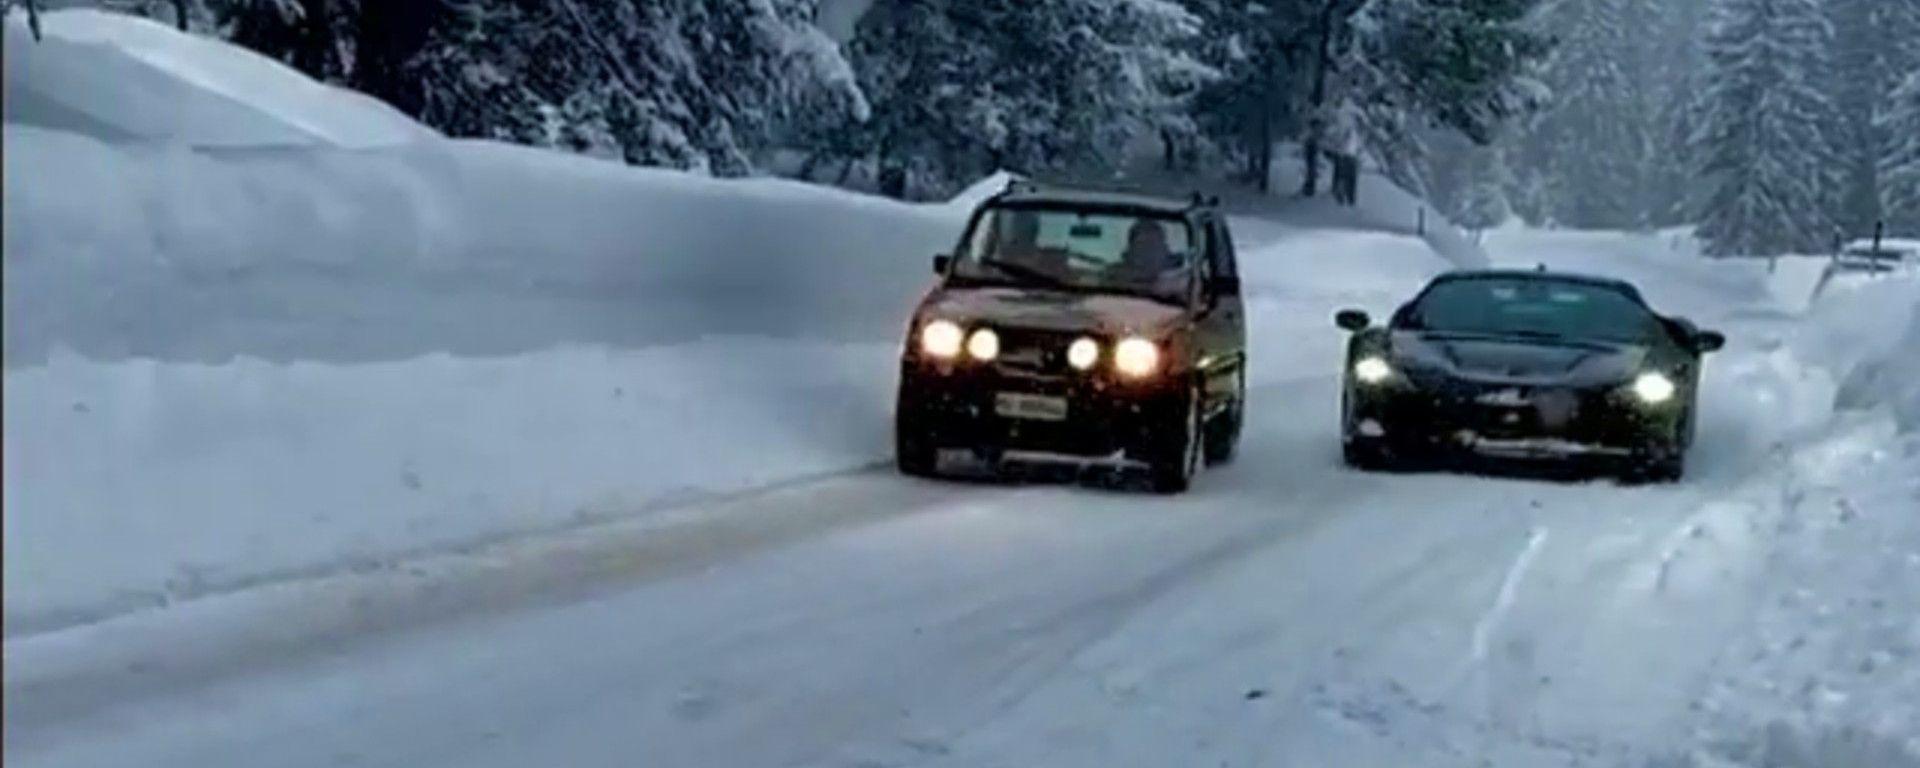 Fiat Panda 4x4 vs Ferrari SF90 Stradale, la partenza della drag race